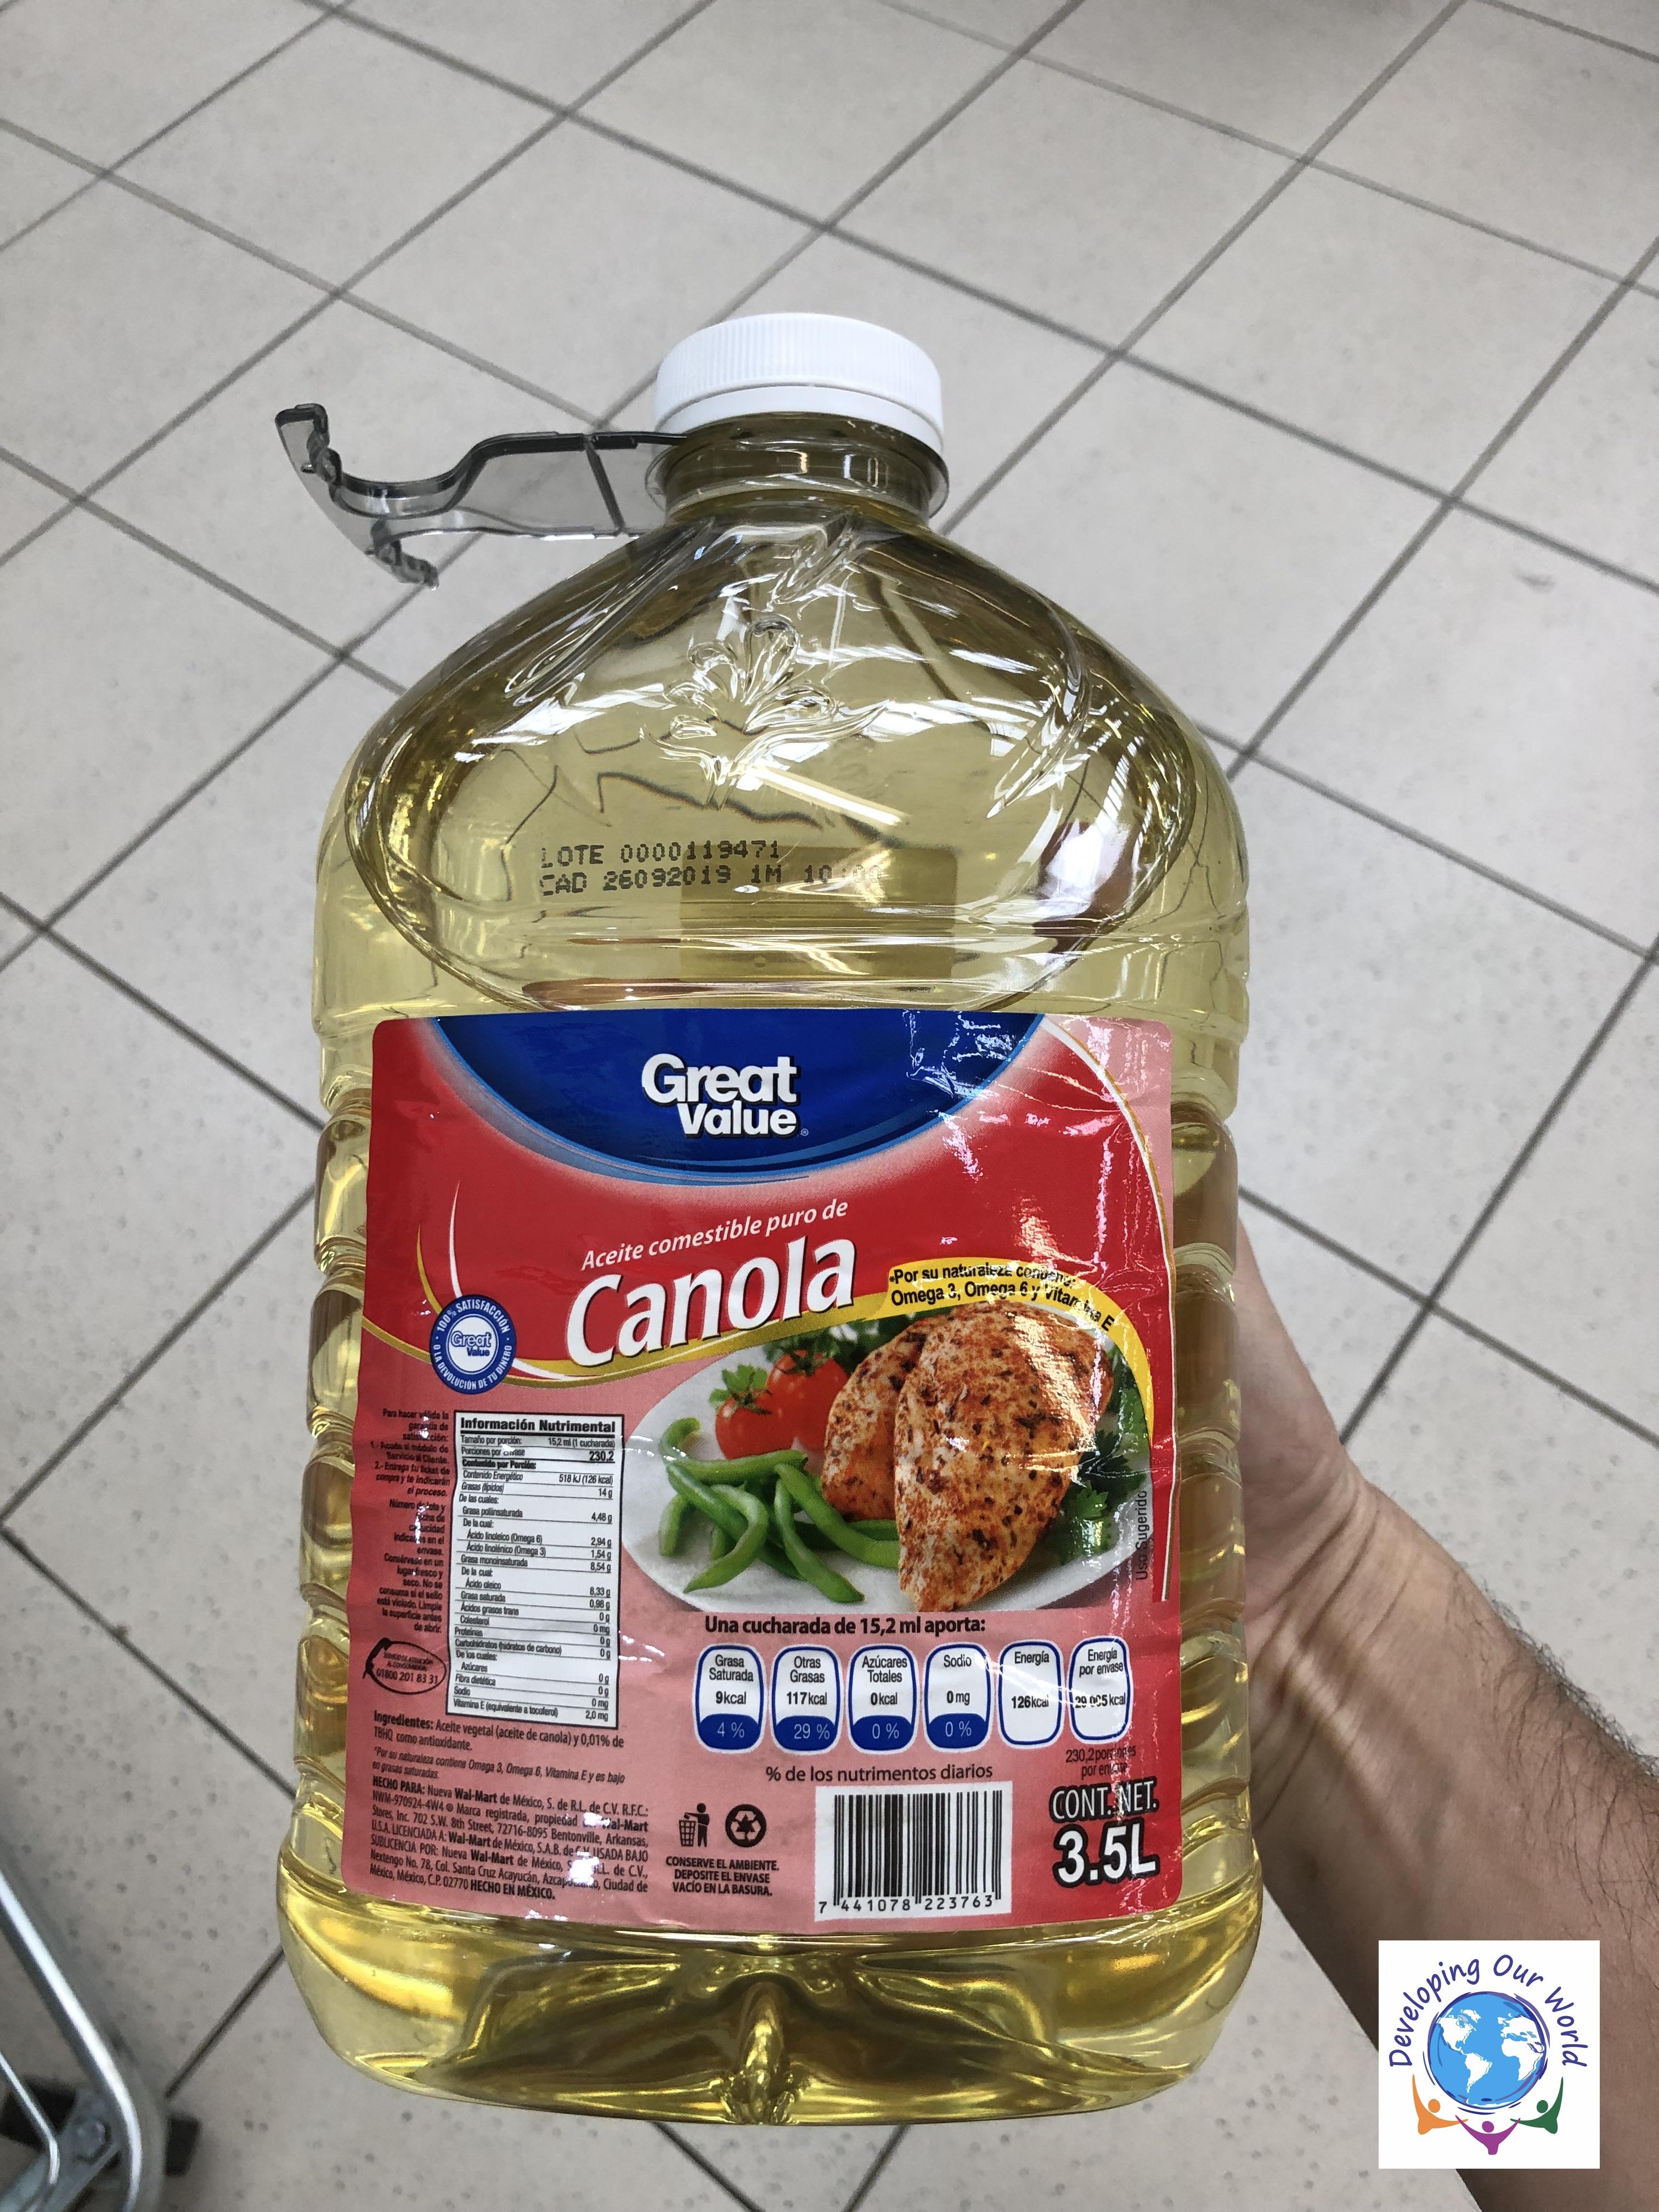 1 gallon of oil